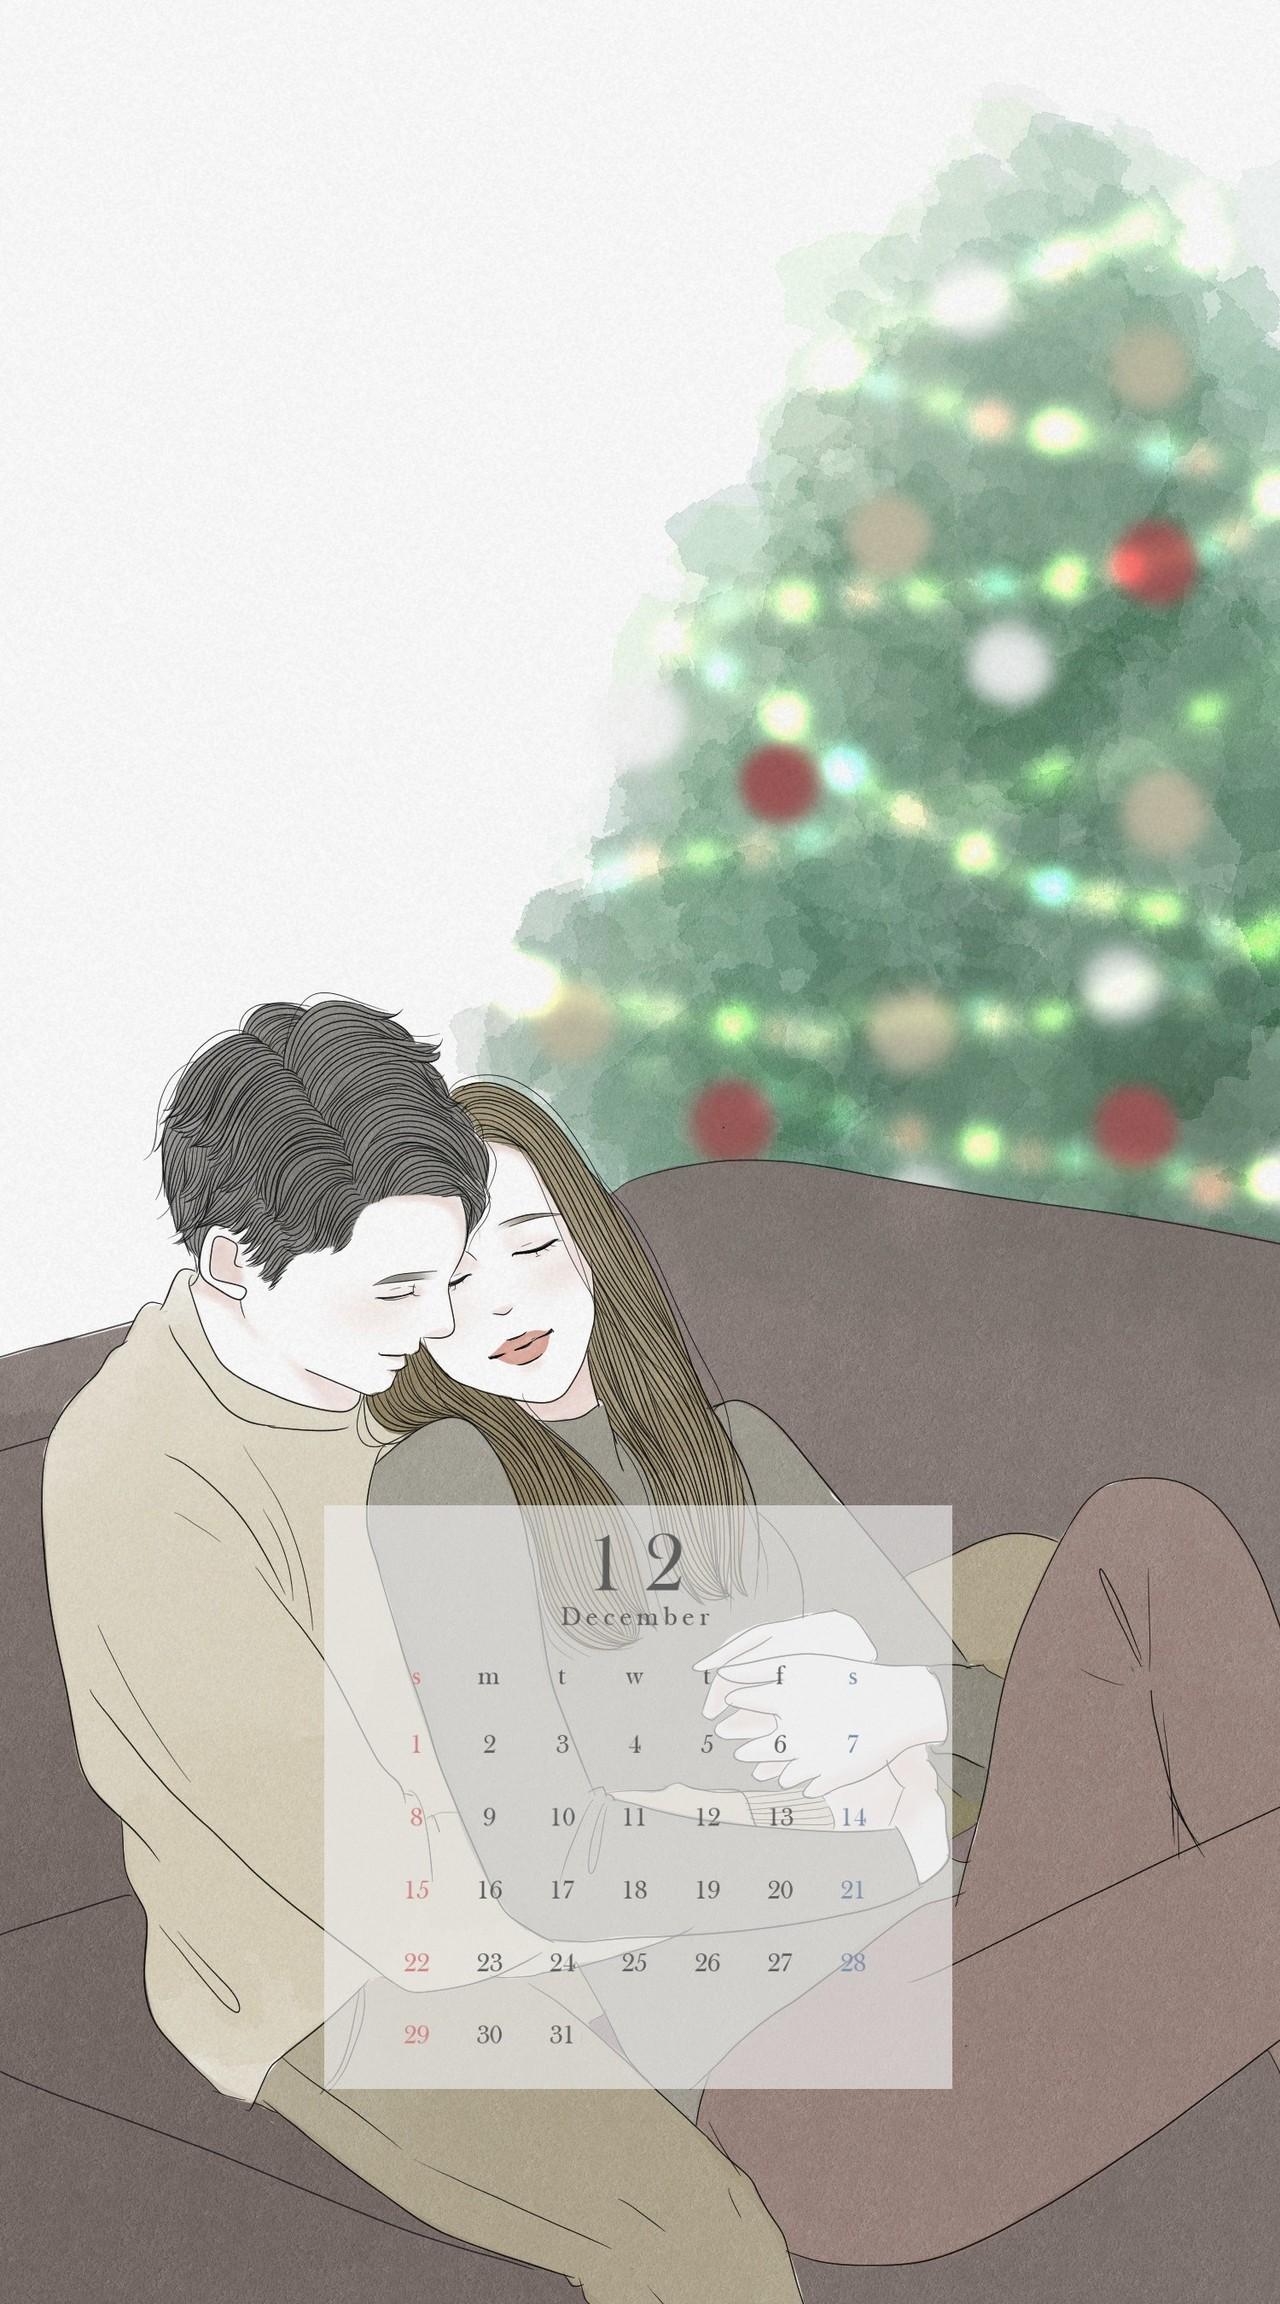 19年12月 スマホ壁紙カレンダー 蒼井アオ イラストレーター 漫画家 Note